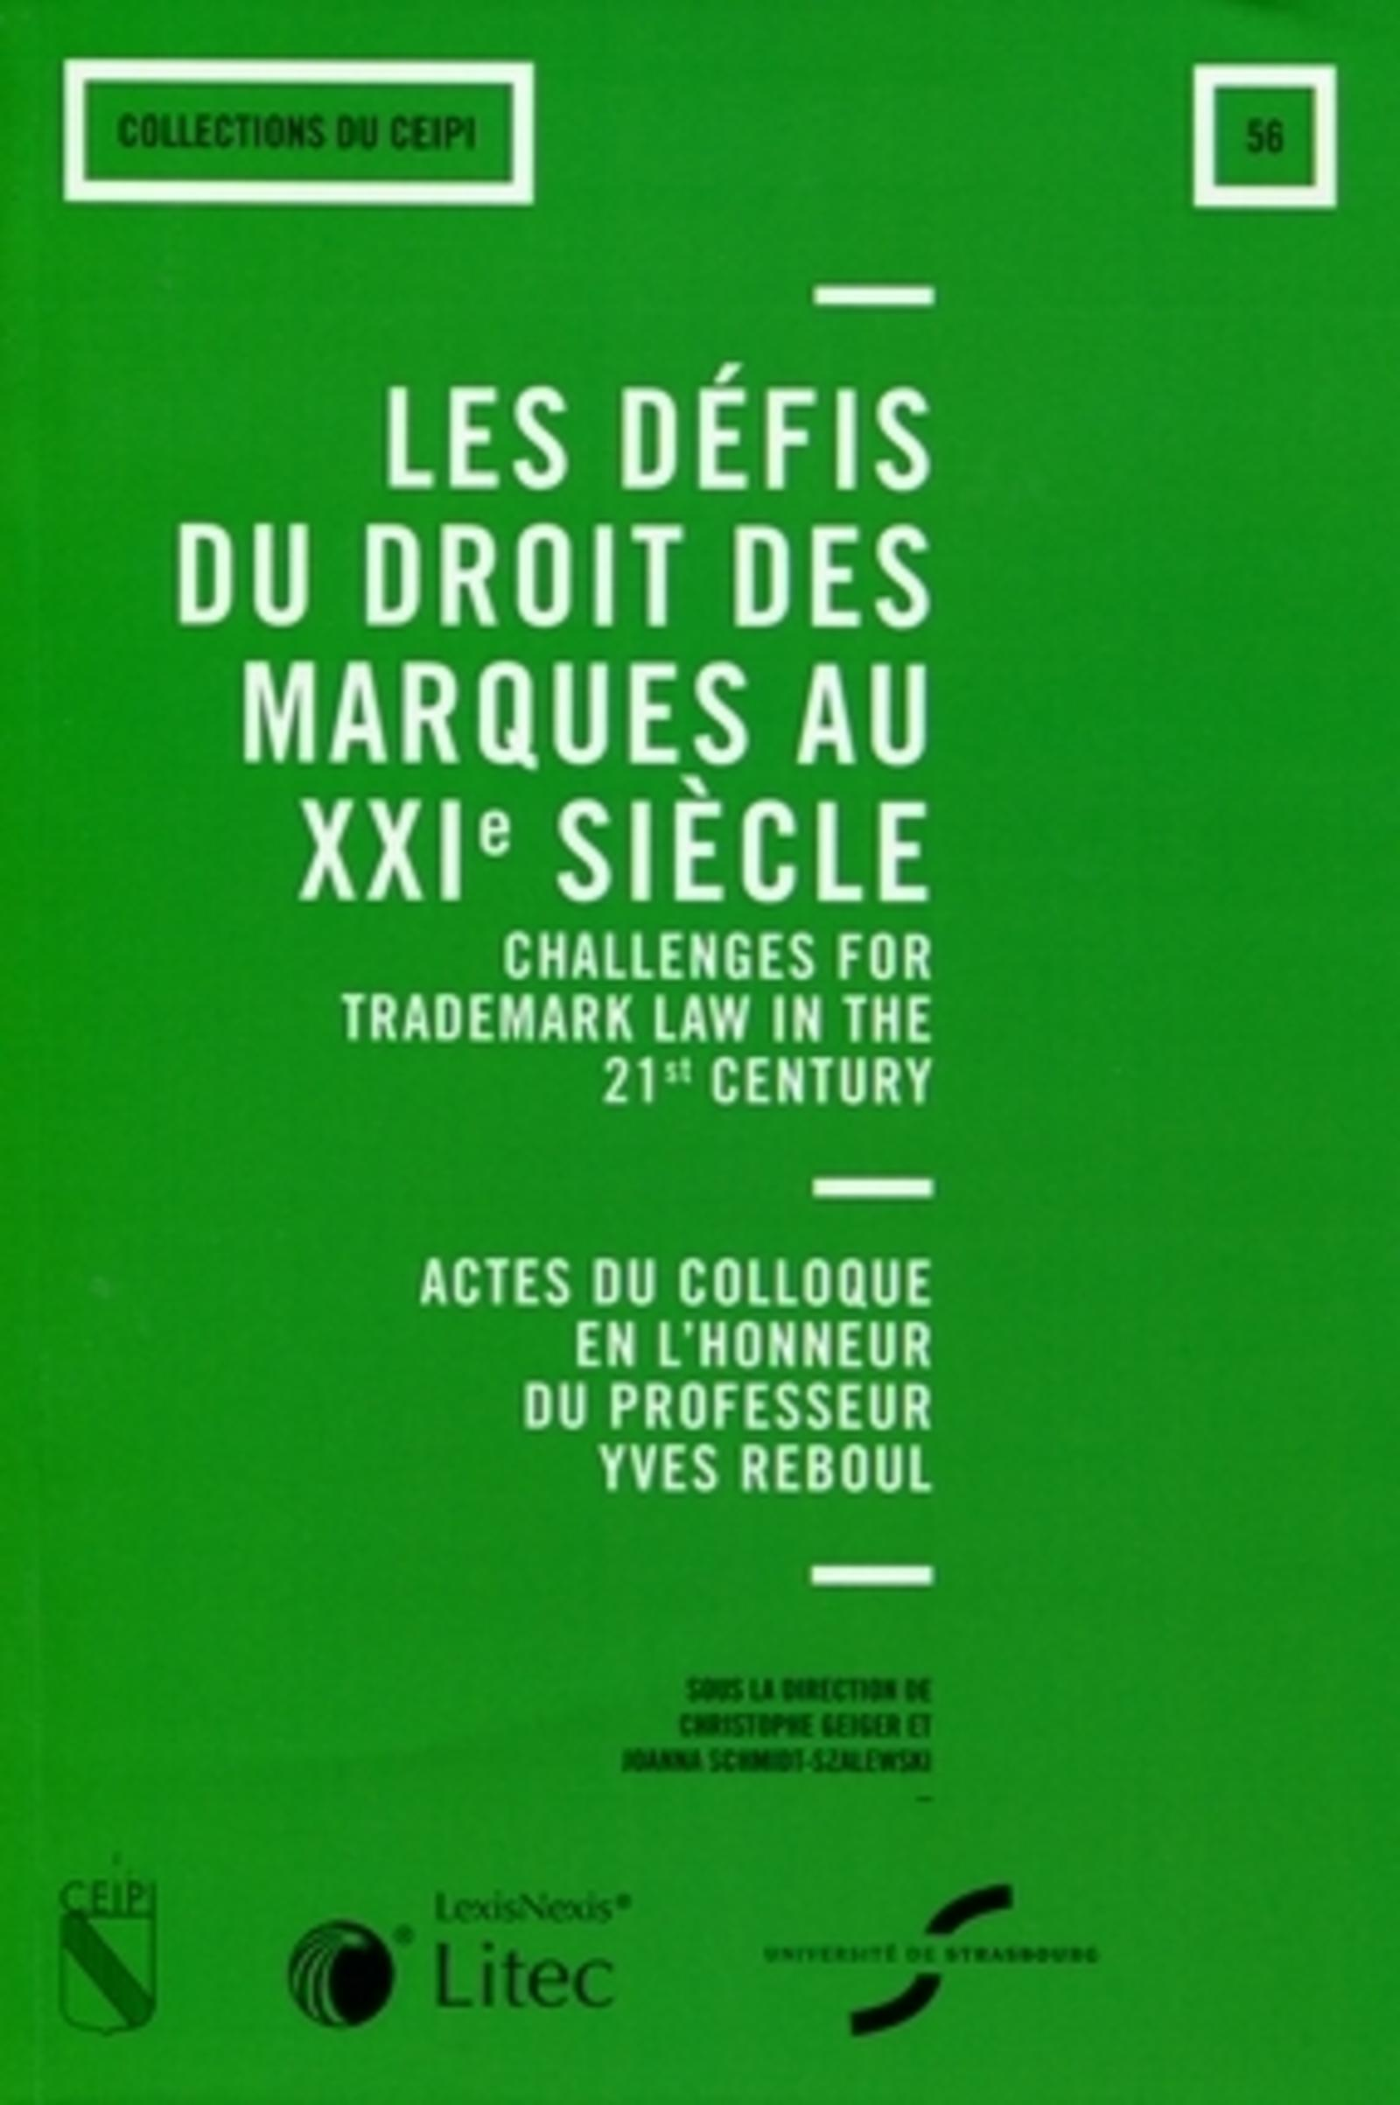 LES DEFIS DU DROIT DES MARQUES AU XXIEME SIECLE - ACTES DU COLLOQUE EN L'HONNEUR DE PROFESSEUR YVES